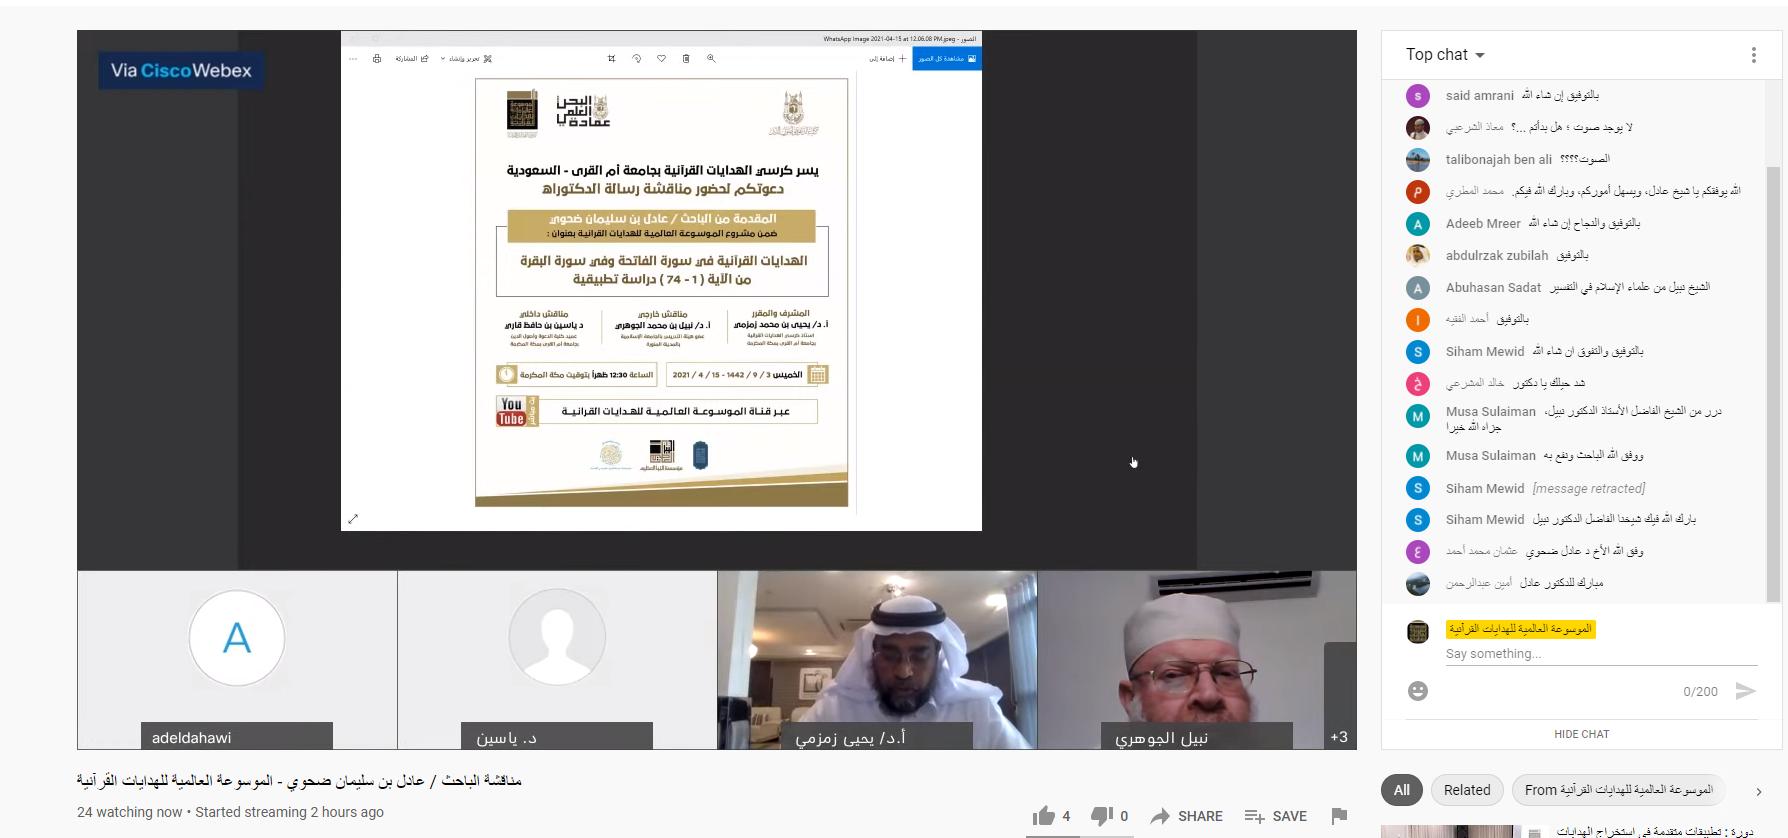 خبر إعلامي - اتمام مناقشة د. عادل بن سليمان ضحوي